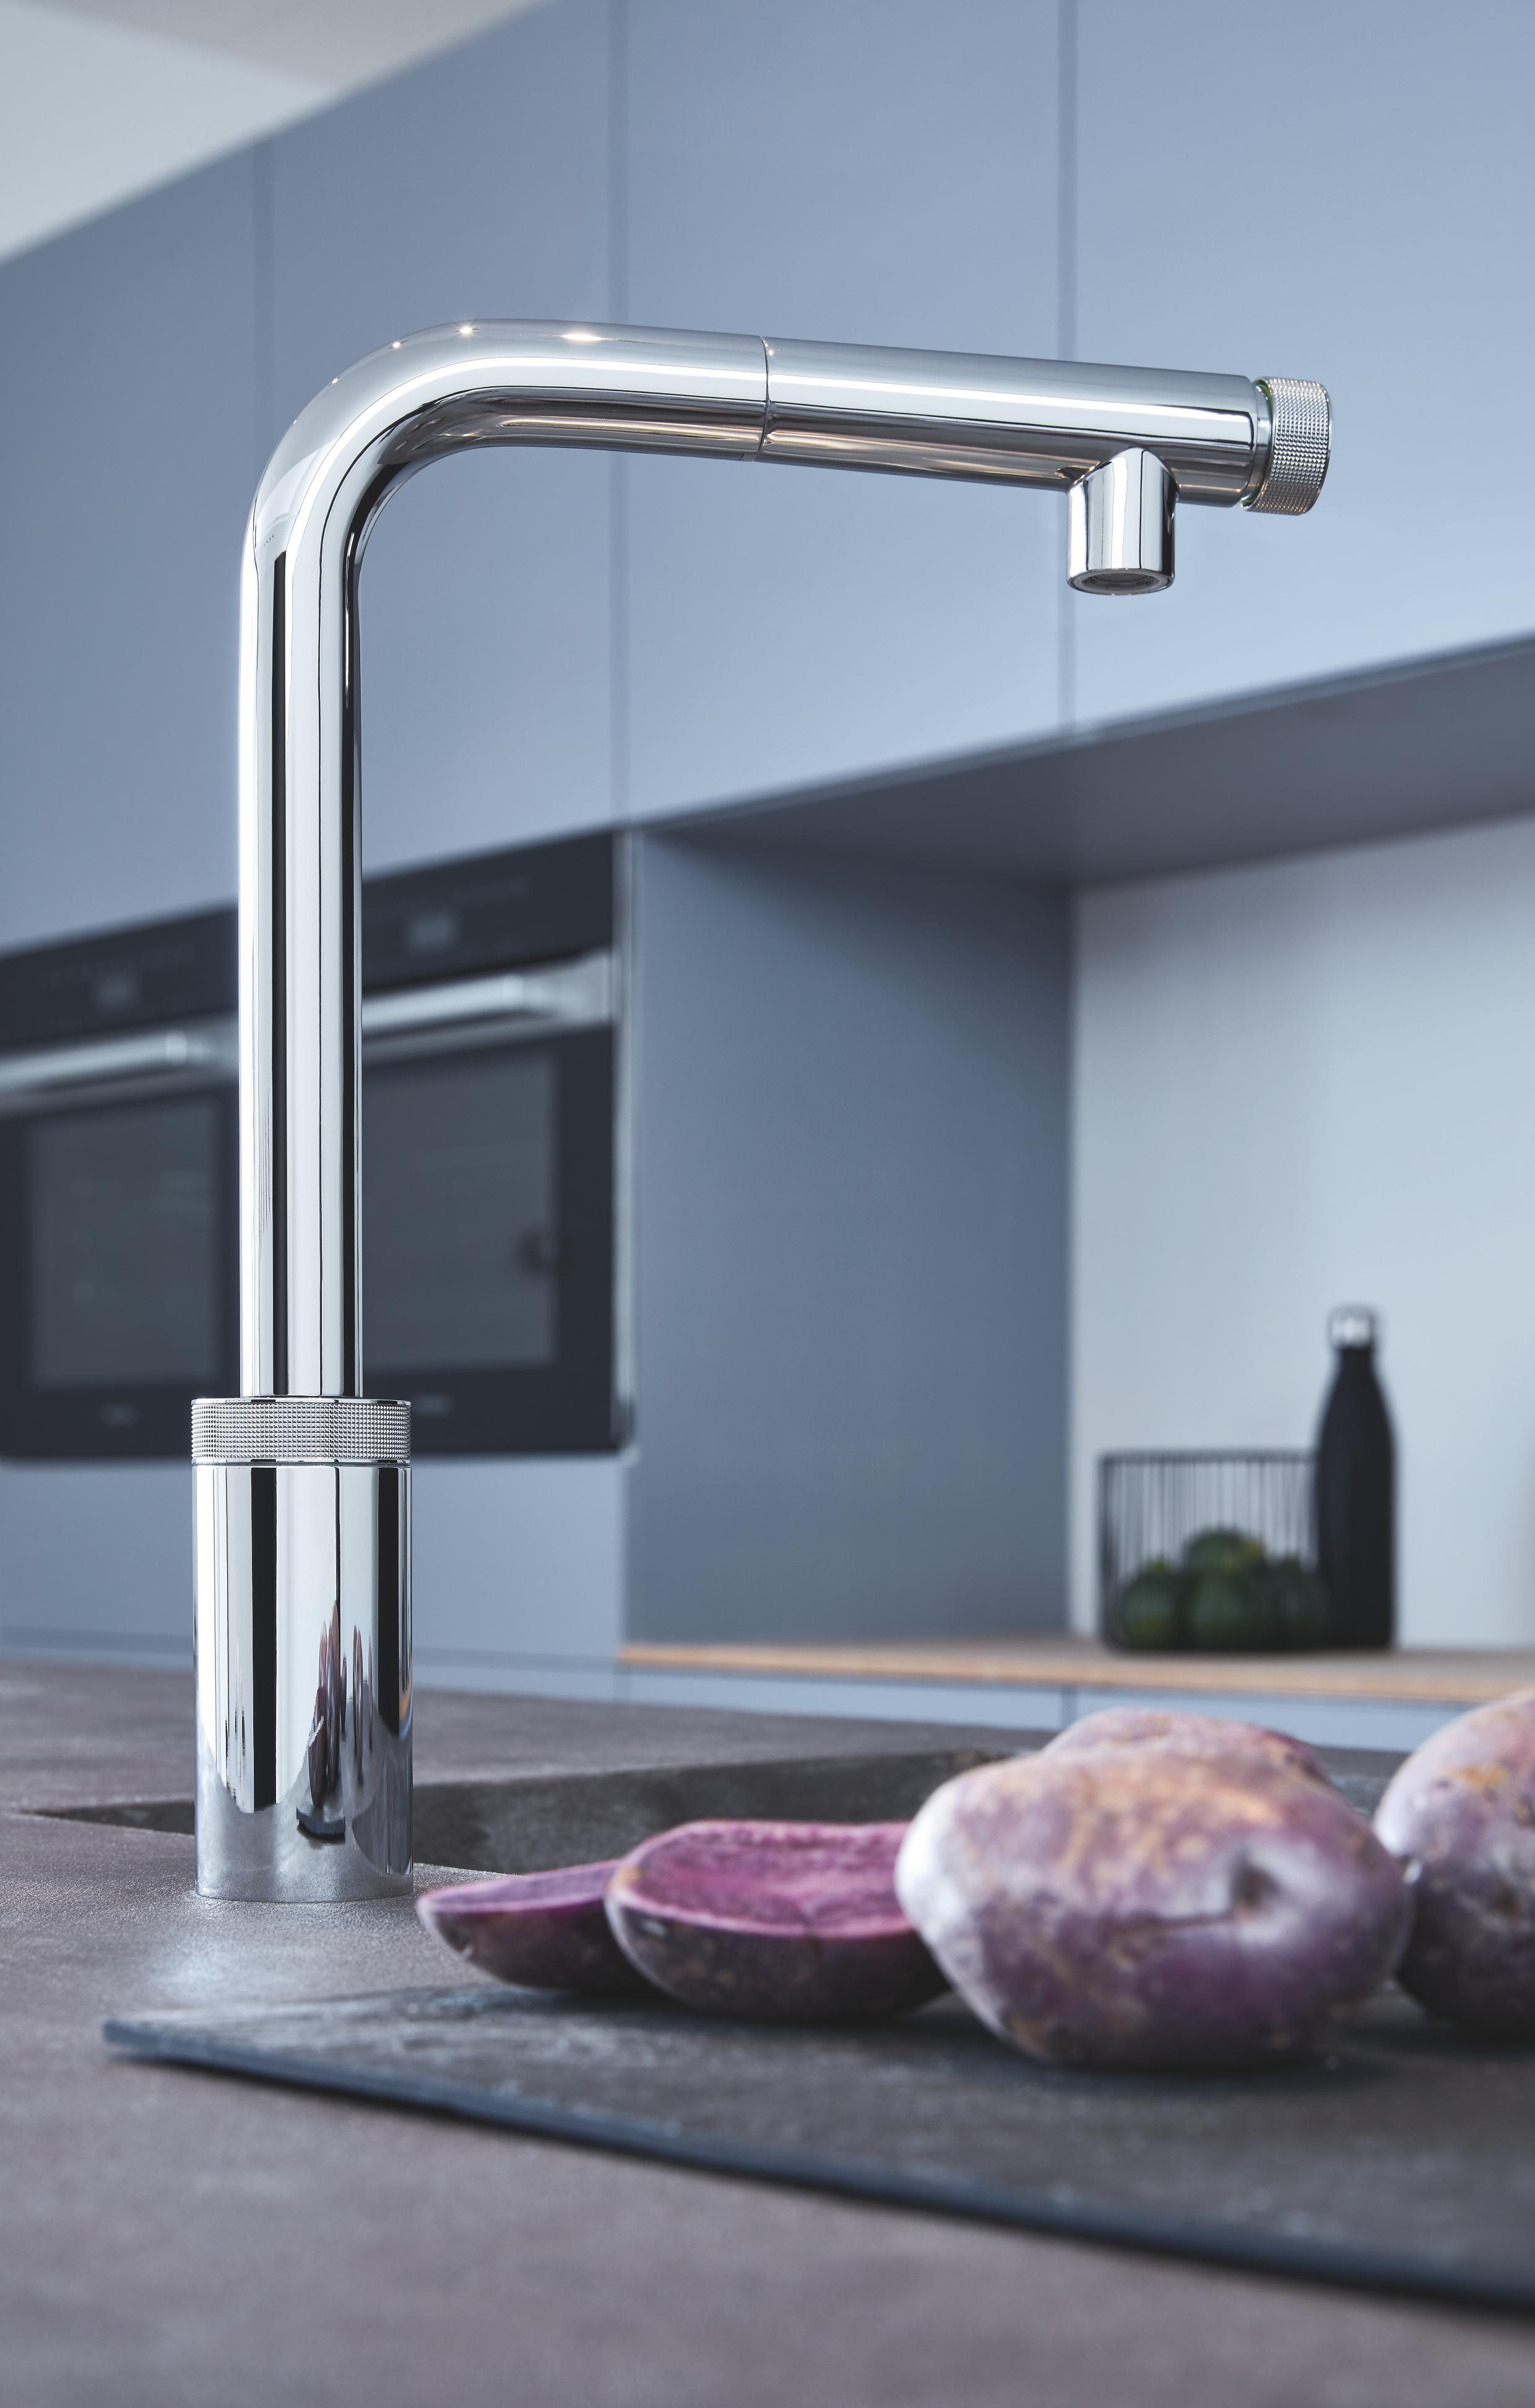 Grohe Minta SmartControl miscelatore per lavello cucina con doccino estraibile, cromato 31613000